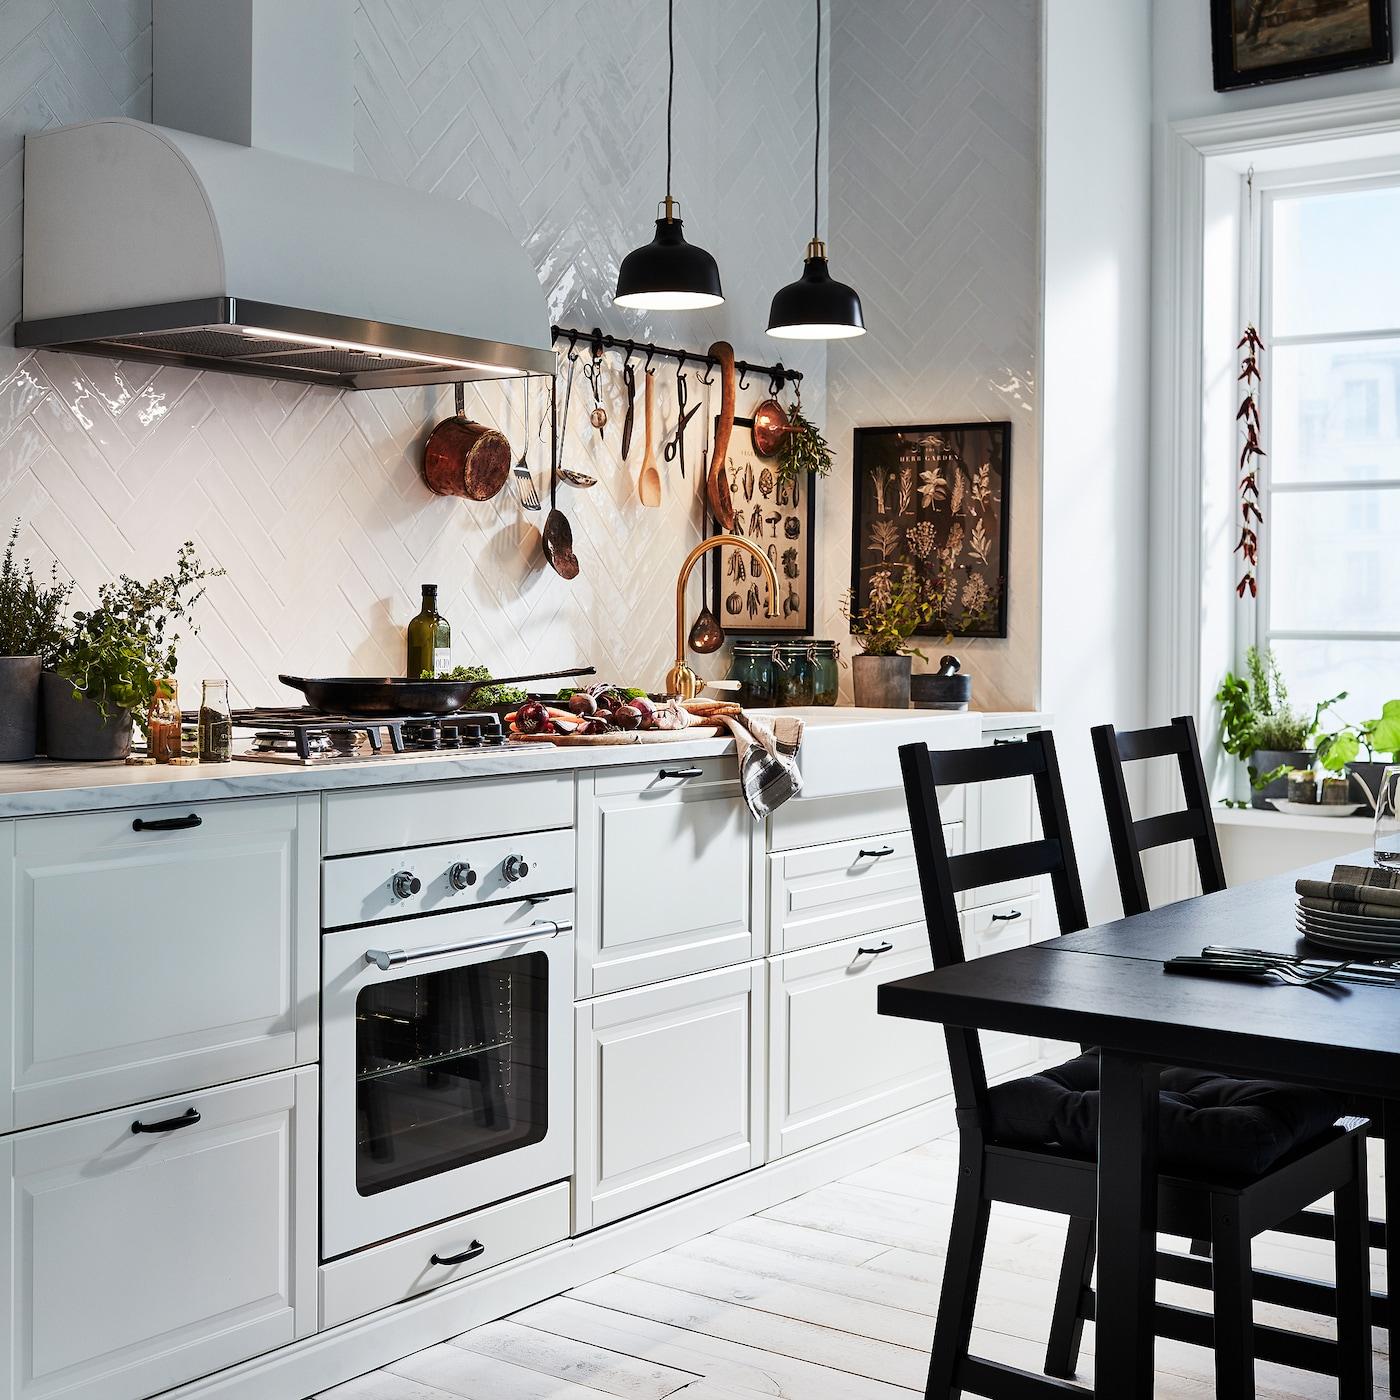 ブラックのペンダントランプ2個で照らされたオフホワイトのBODBYN/ボードビーン キッチン。そばにブラックのテーブルとチェア2脚。